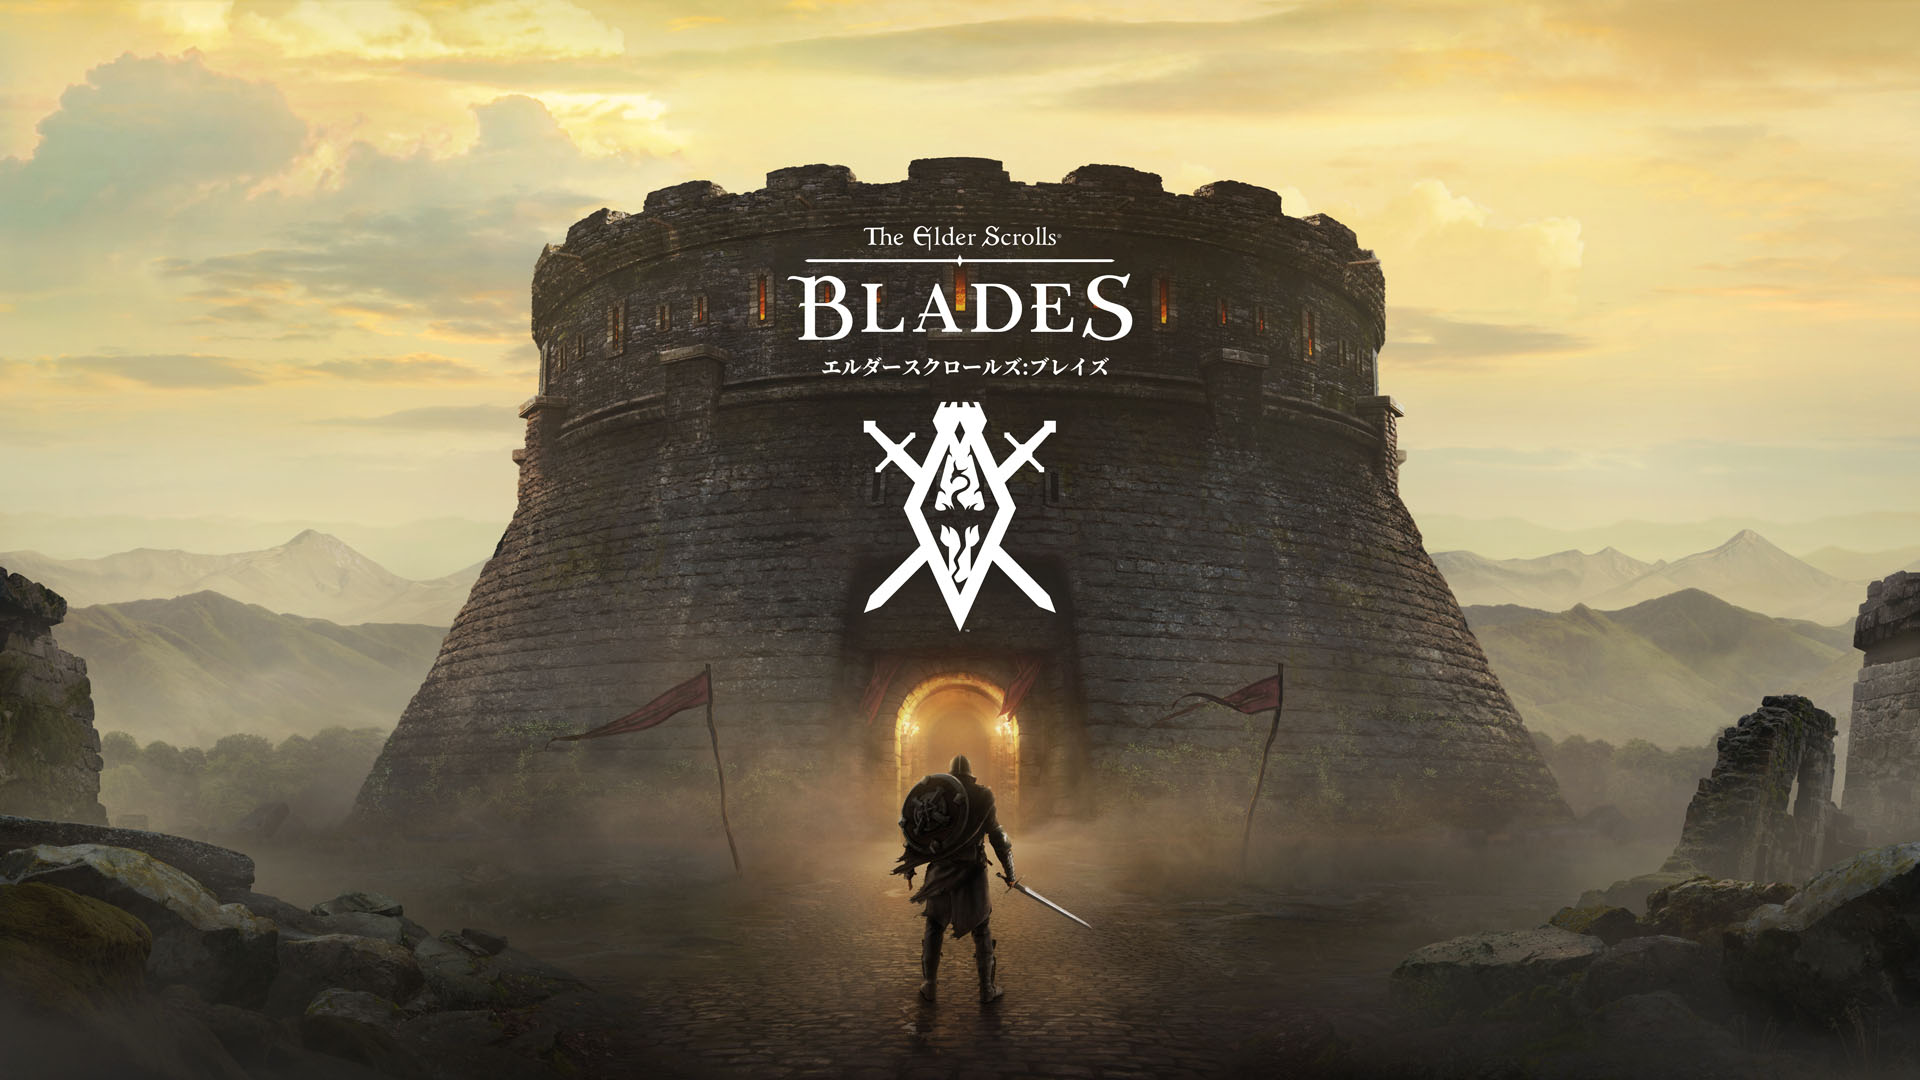 エルダースクロールズ:ブレイズ」の正式サービスが本日スタート。Skyrimを手がけたBethesda Game Studiosが開発する1人称視点ARPG